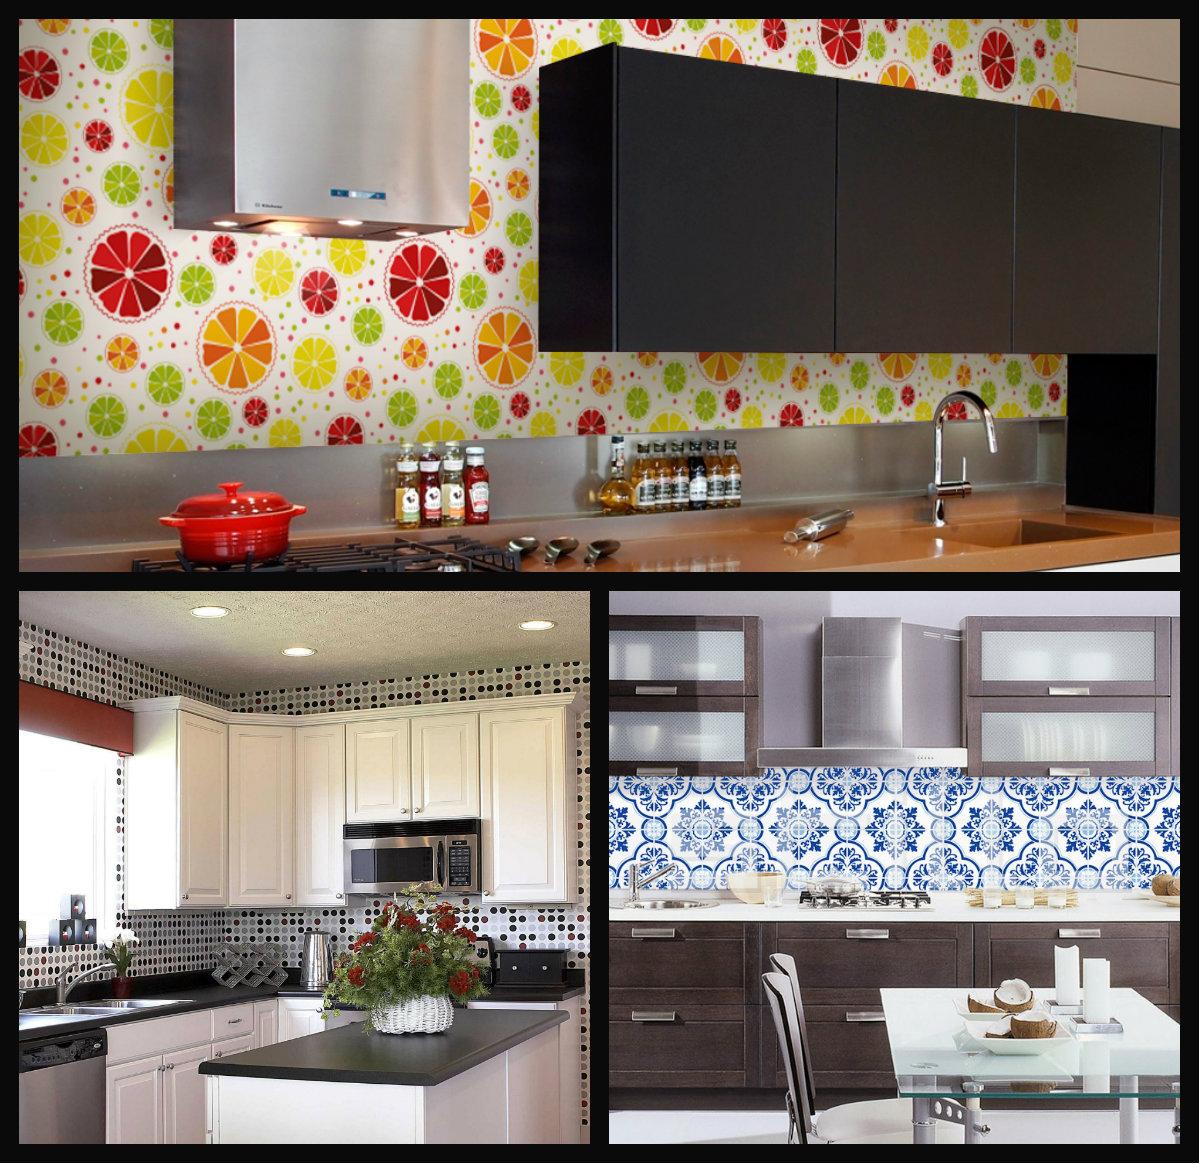 Na cozinha, os papéis de parede deixam o ambiente mais alegre e colorido.